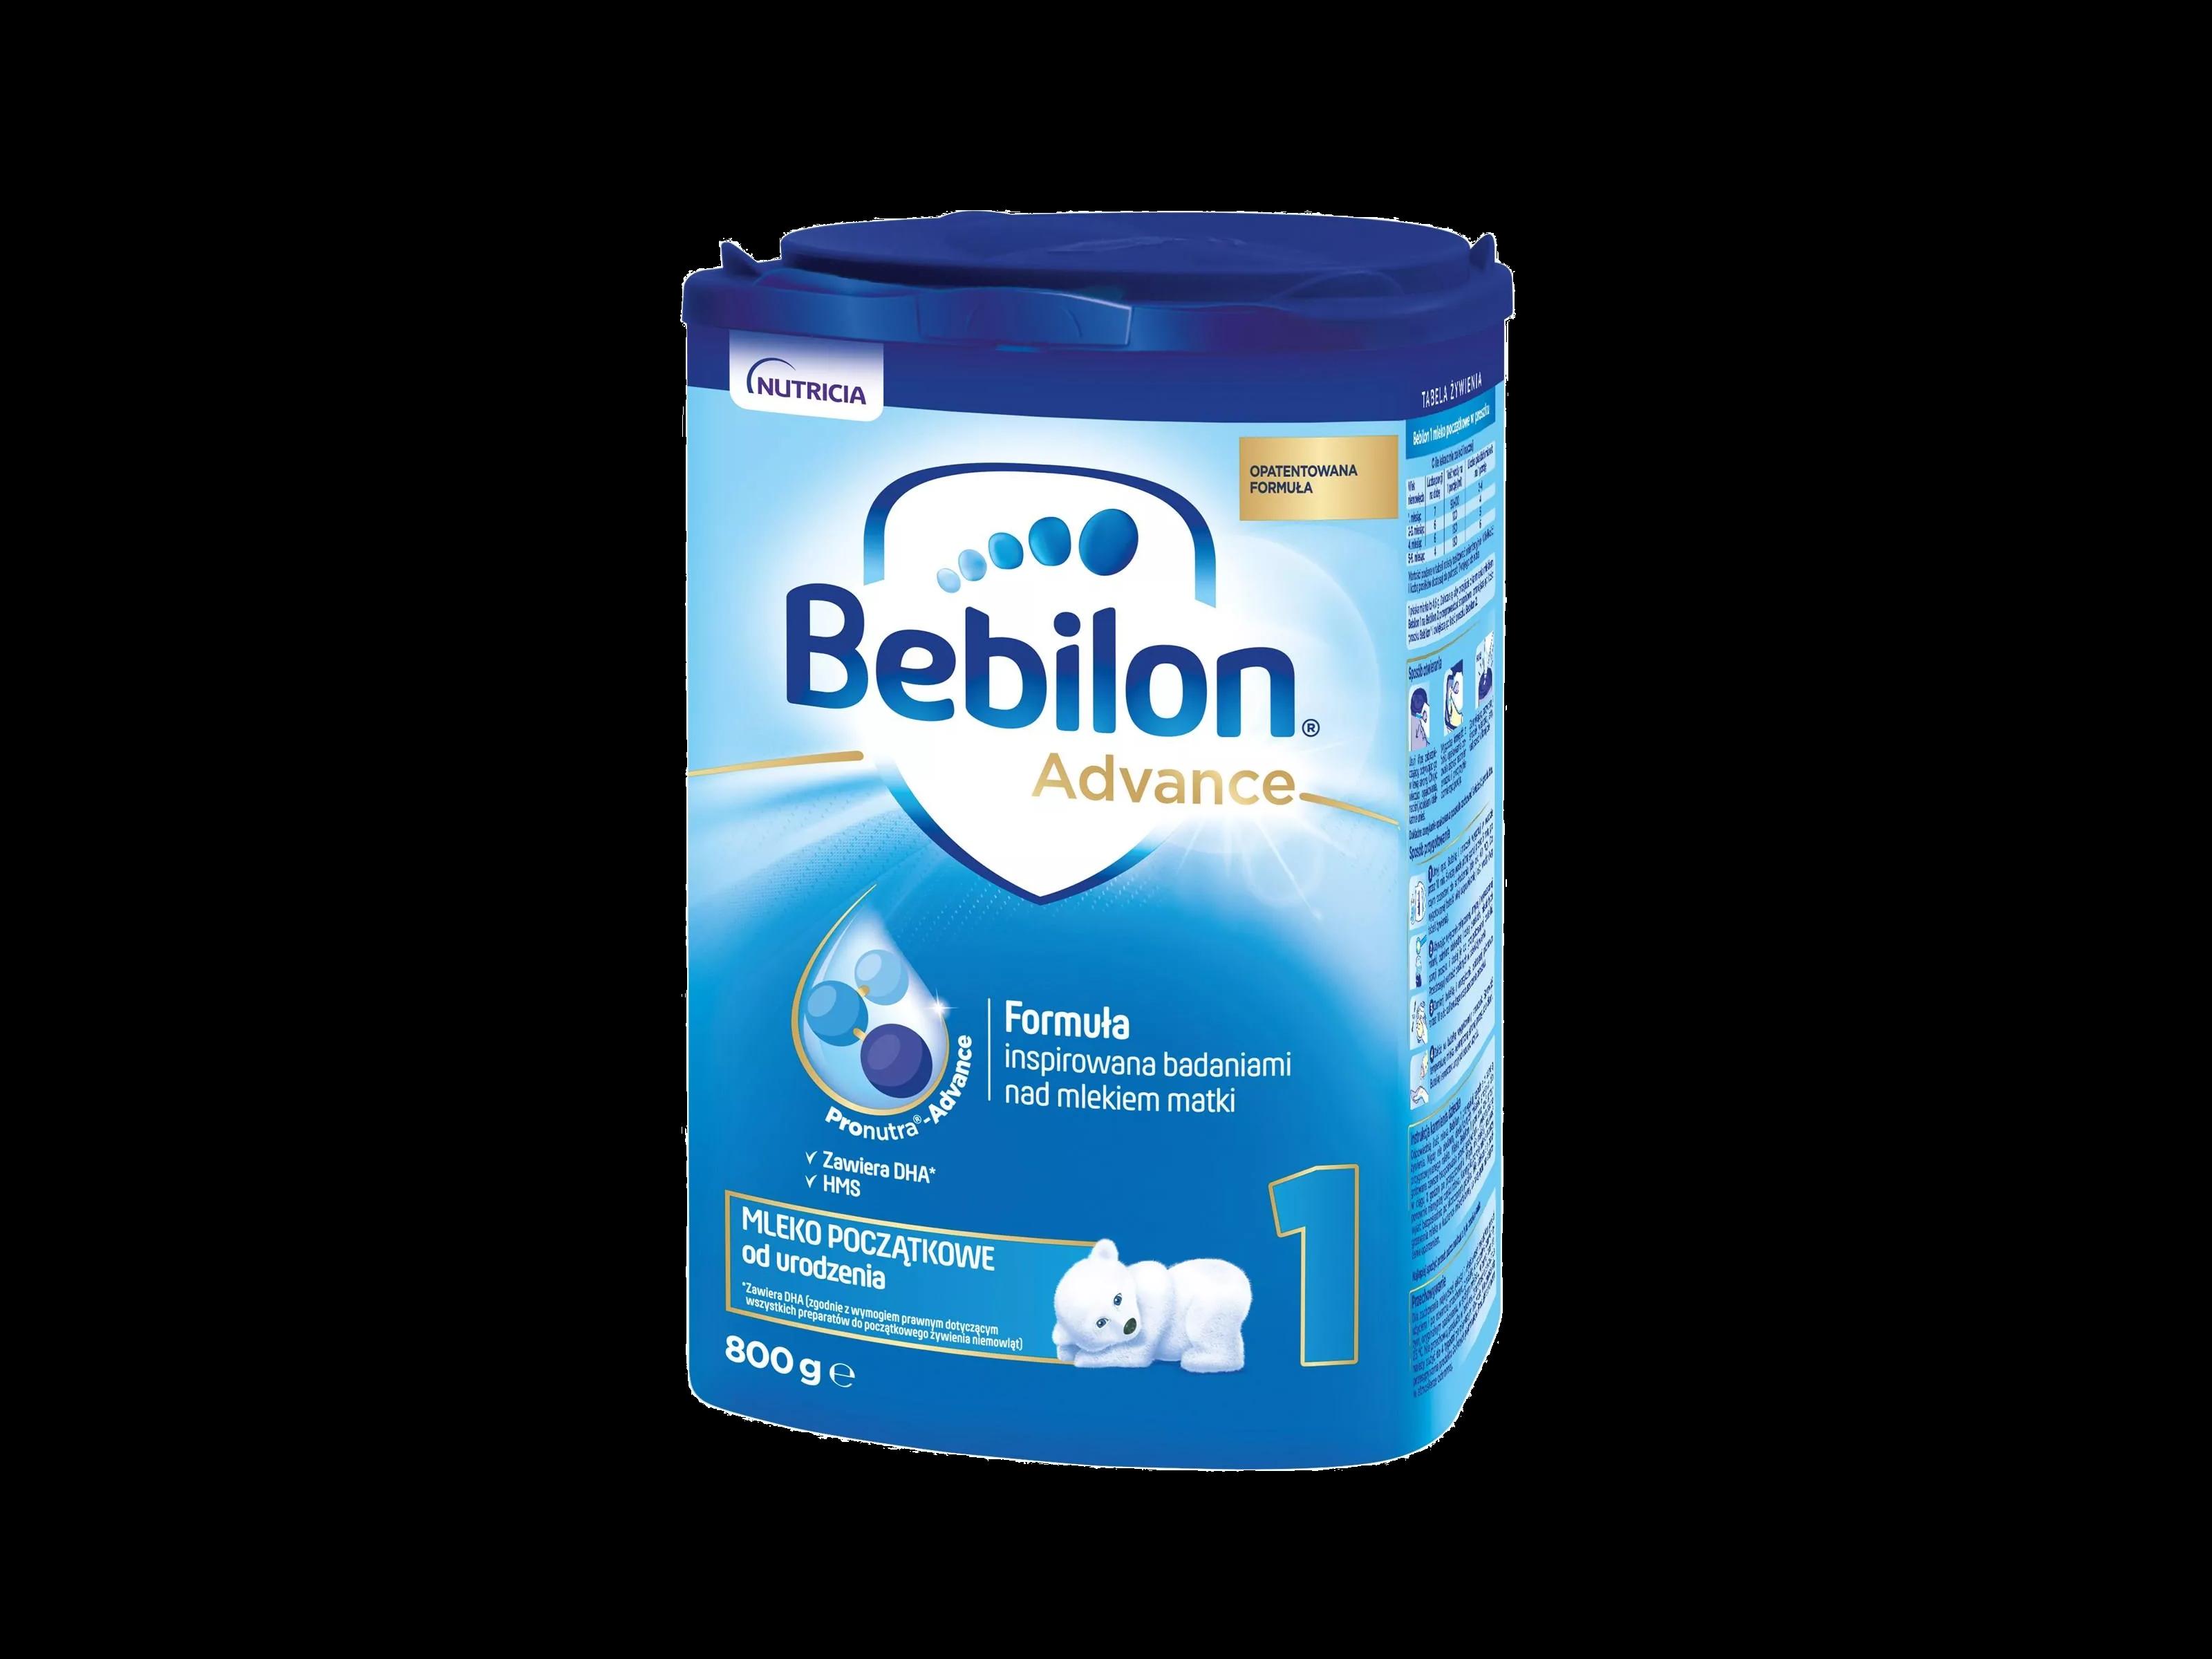 bebilon1_800